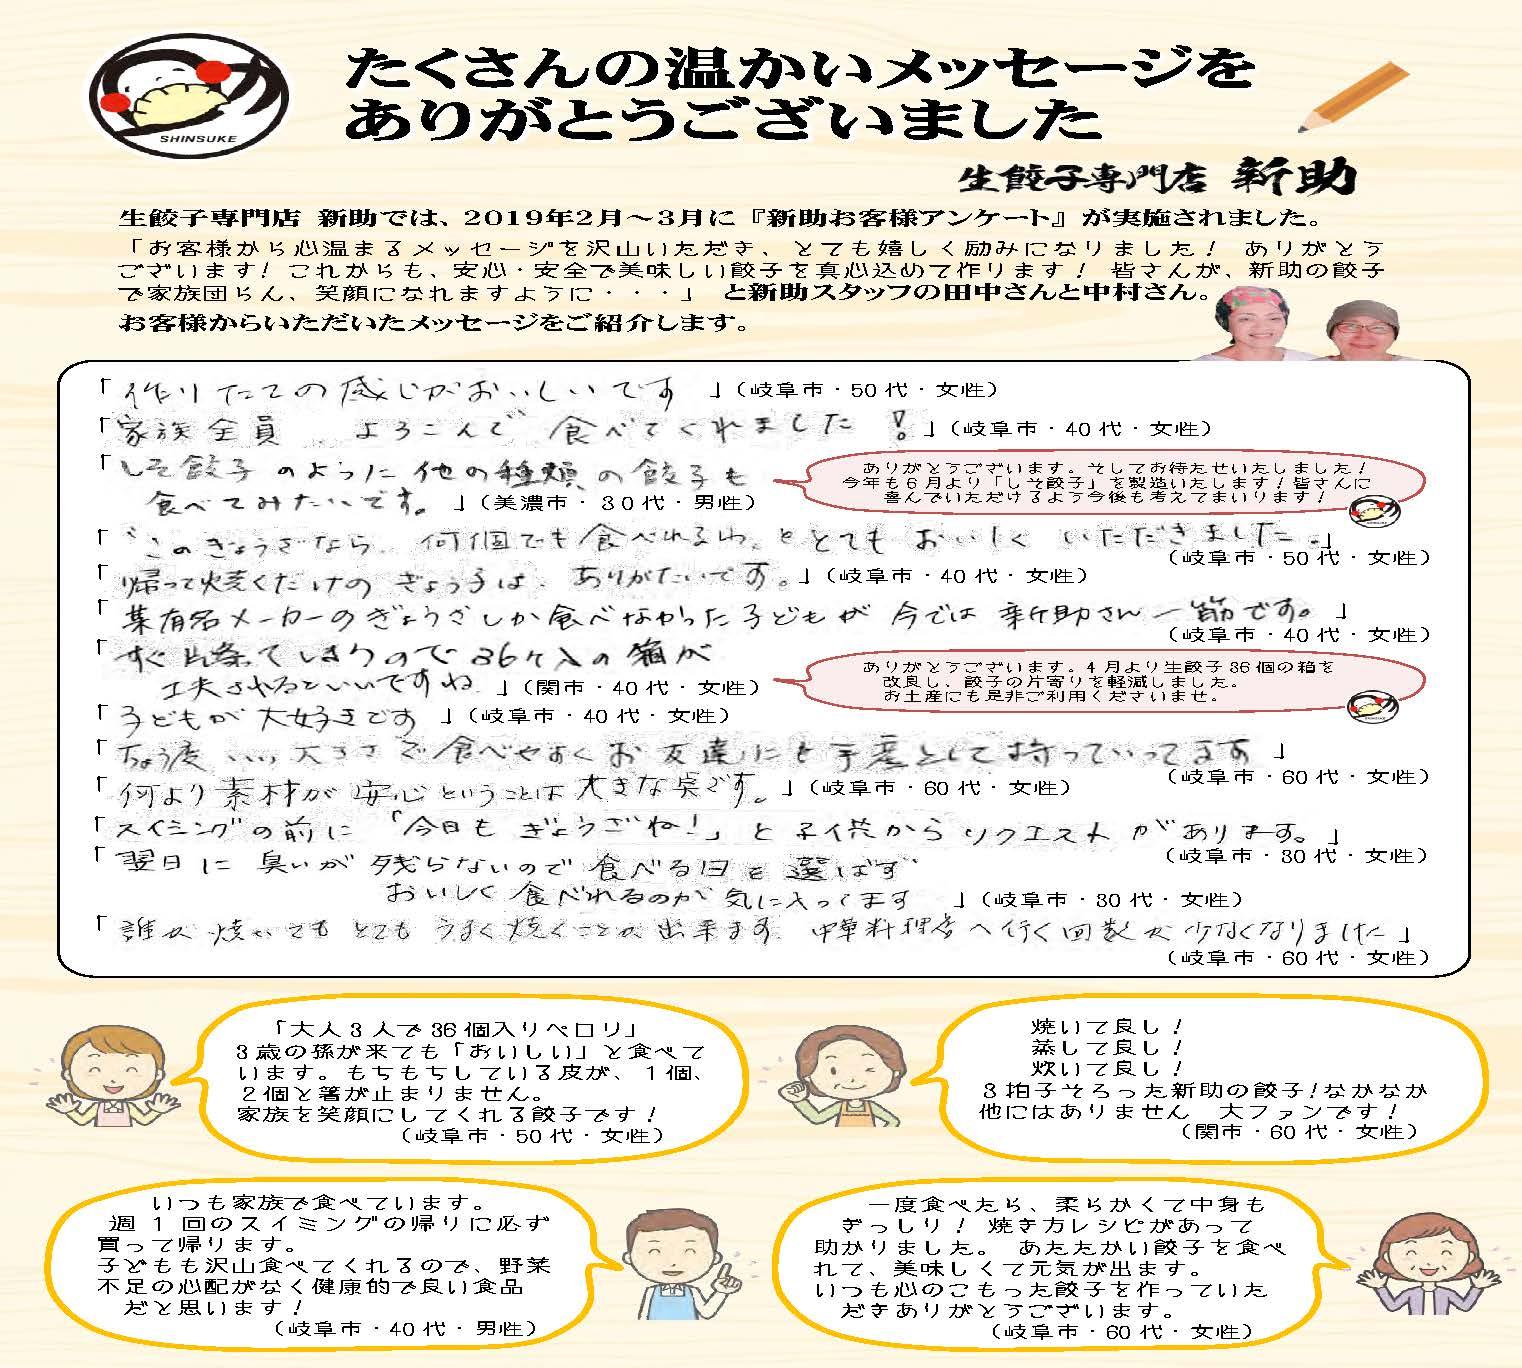 ドルフィン広報誌6月号校了_ページ_3